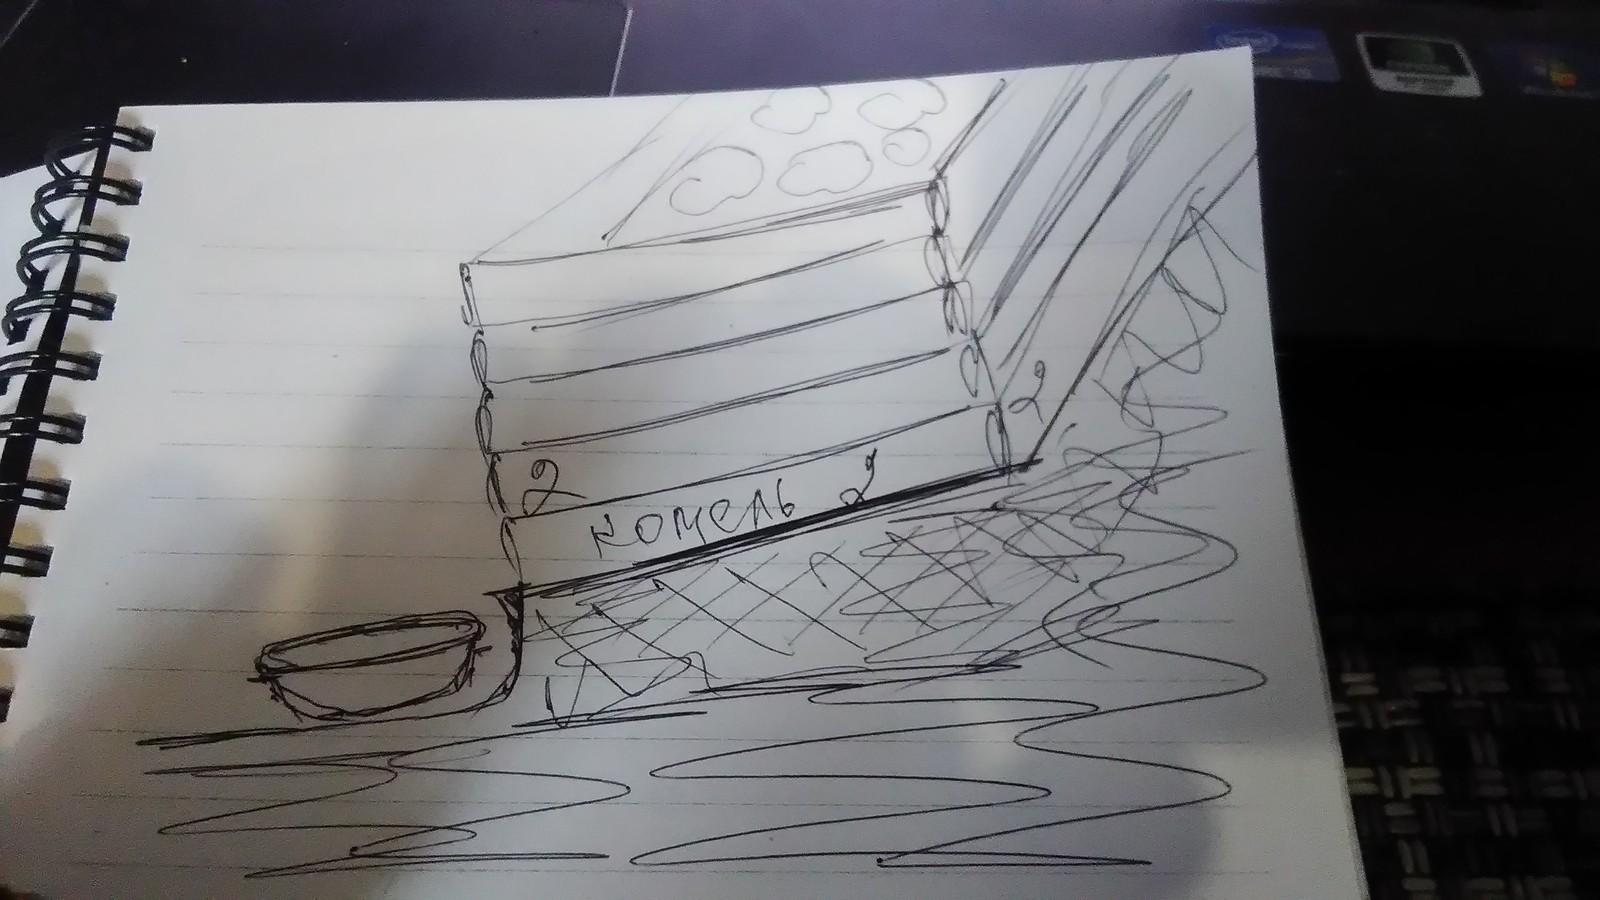 Сколько стоит килограмм металла в Раменки письмо от 01.03.2012 о приемке в образовательных учреждениях медицинских кабинетов